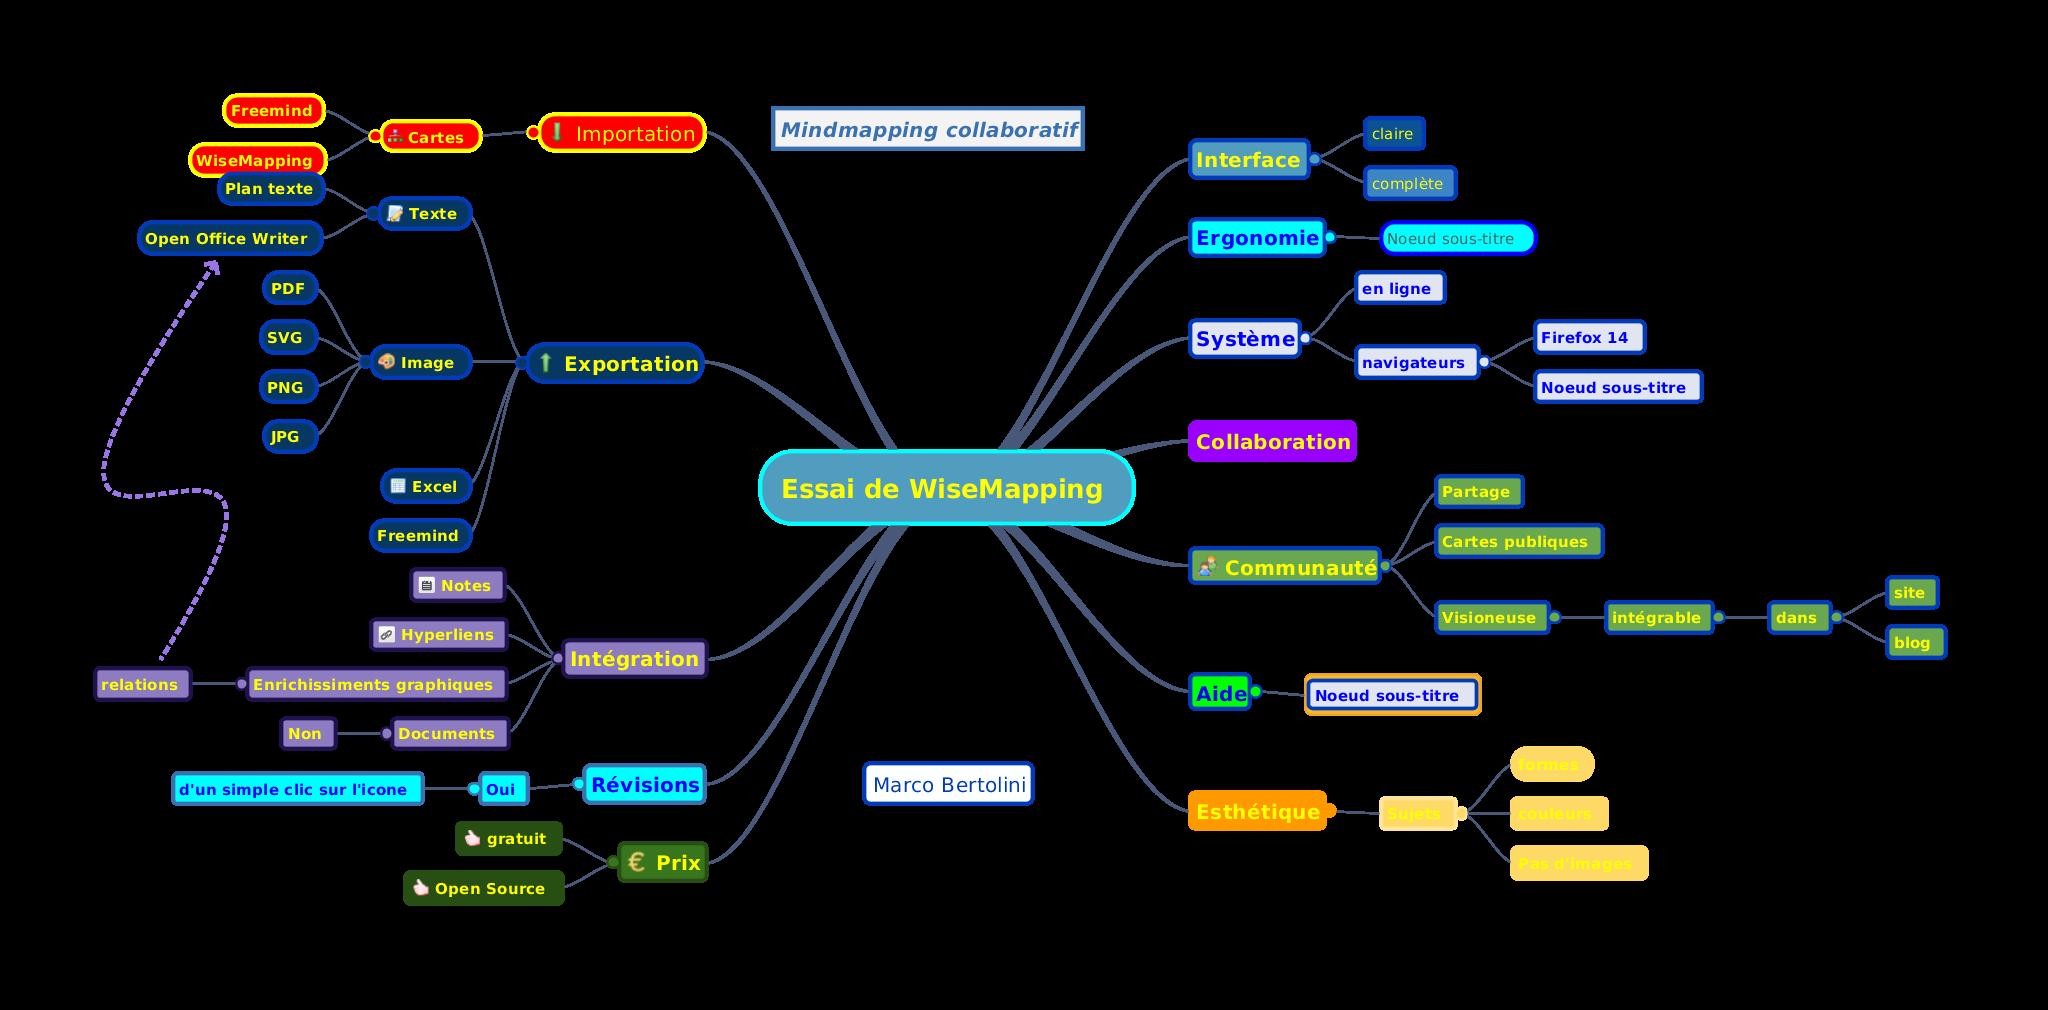 Wisemapping du mindmapping collaboratif gratuit et open for Site francais